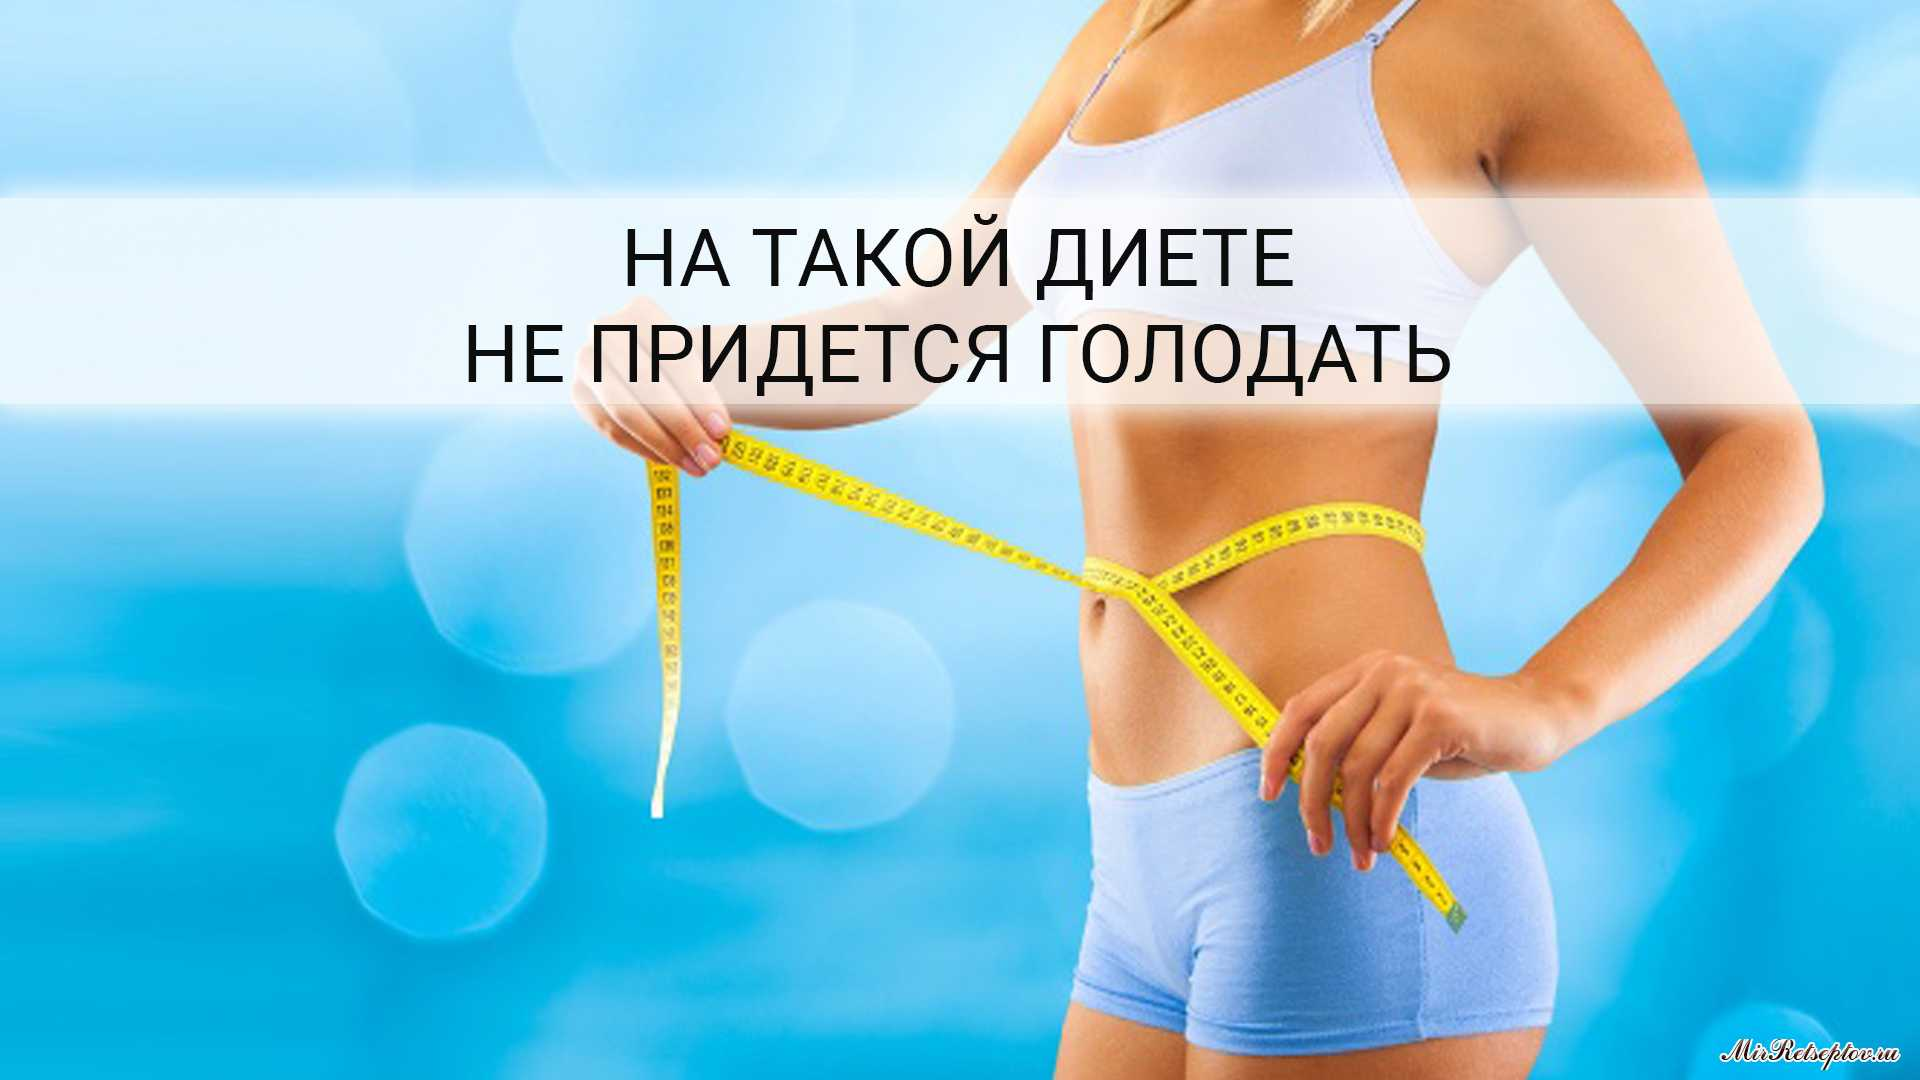 Как похудеть на 10 кг за 7 дней: продуманная до мелочей диета